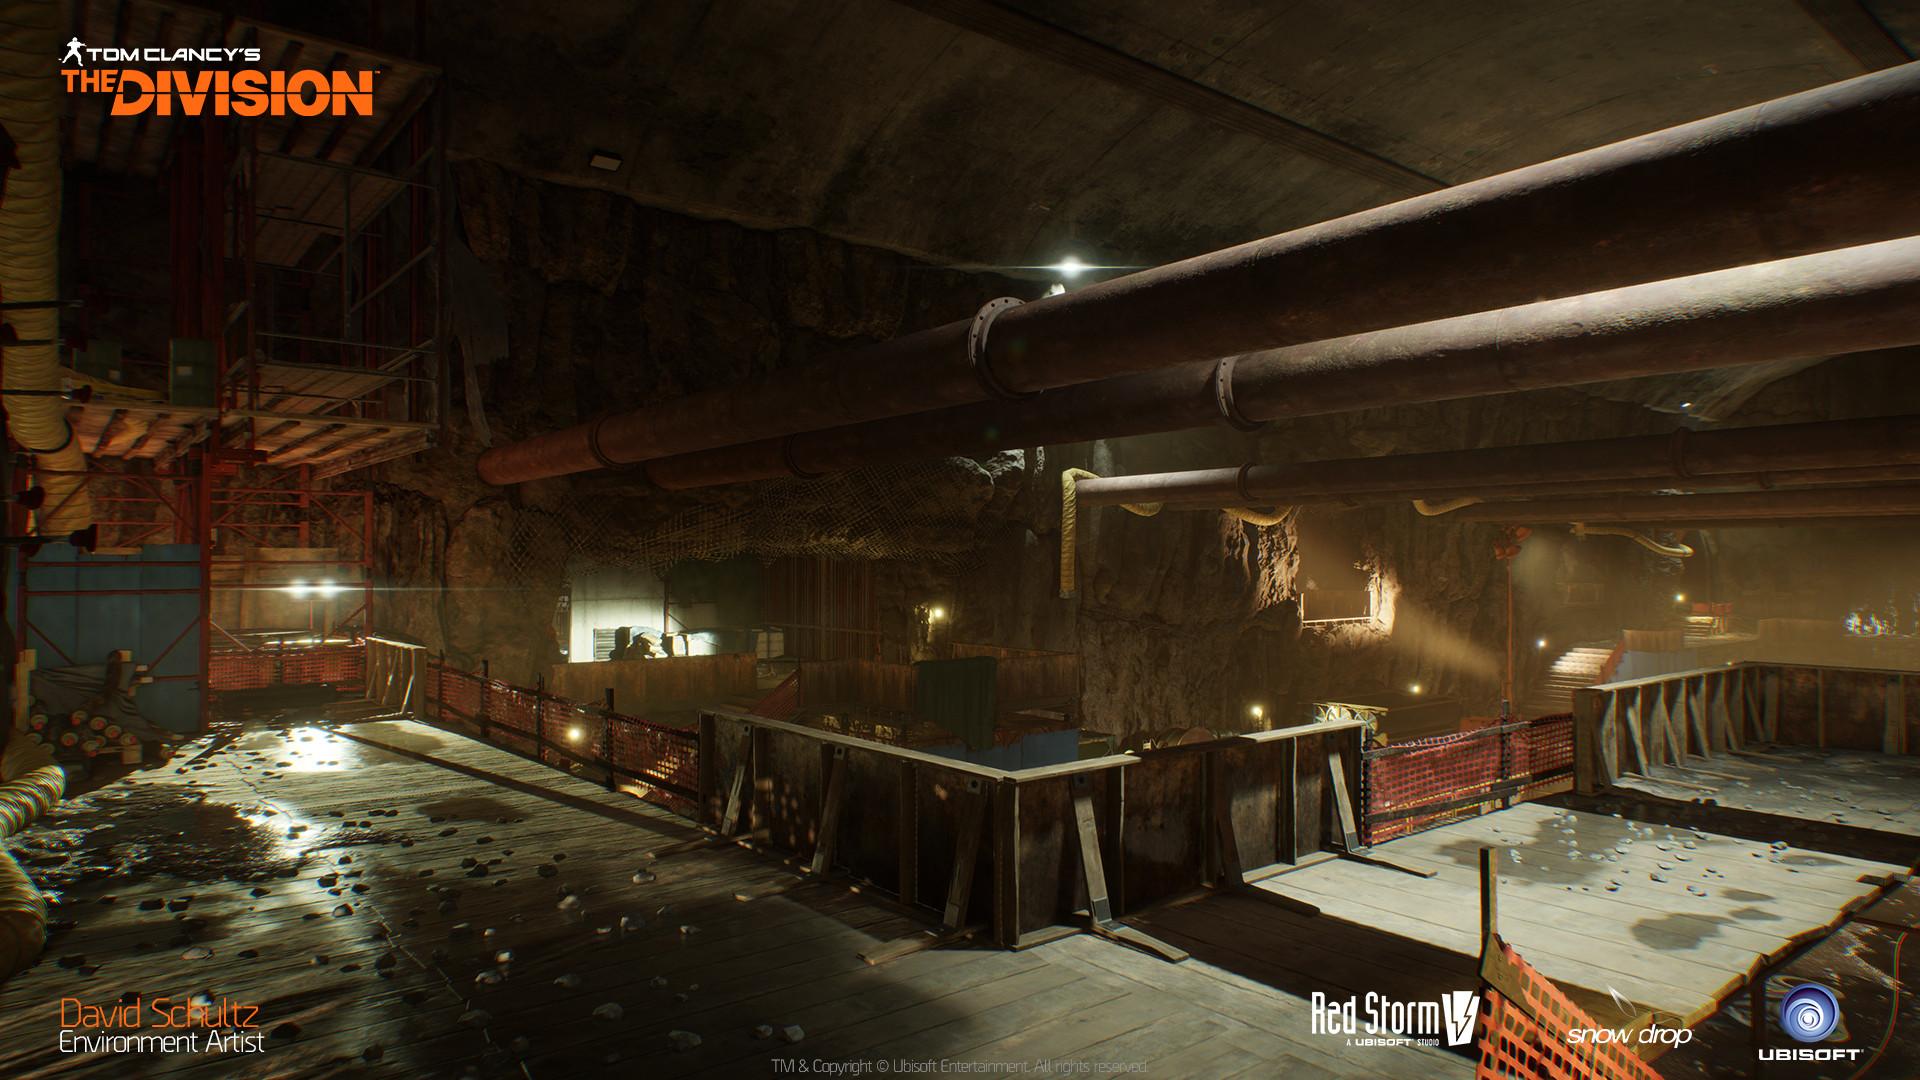 David schultz davidschultz underground 06